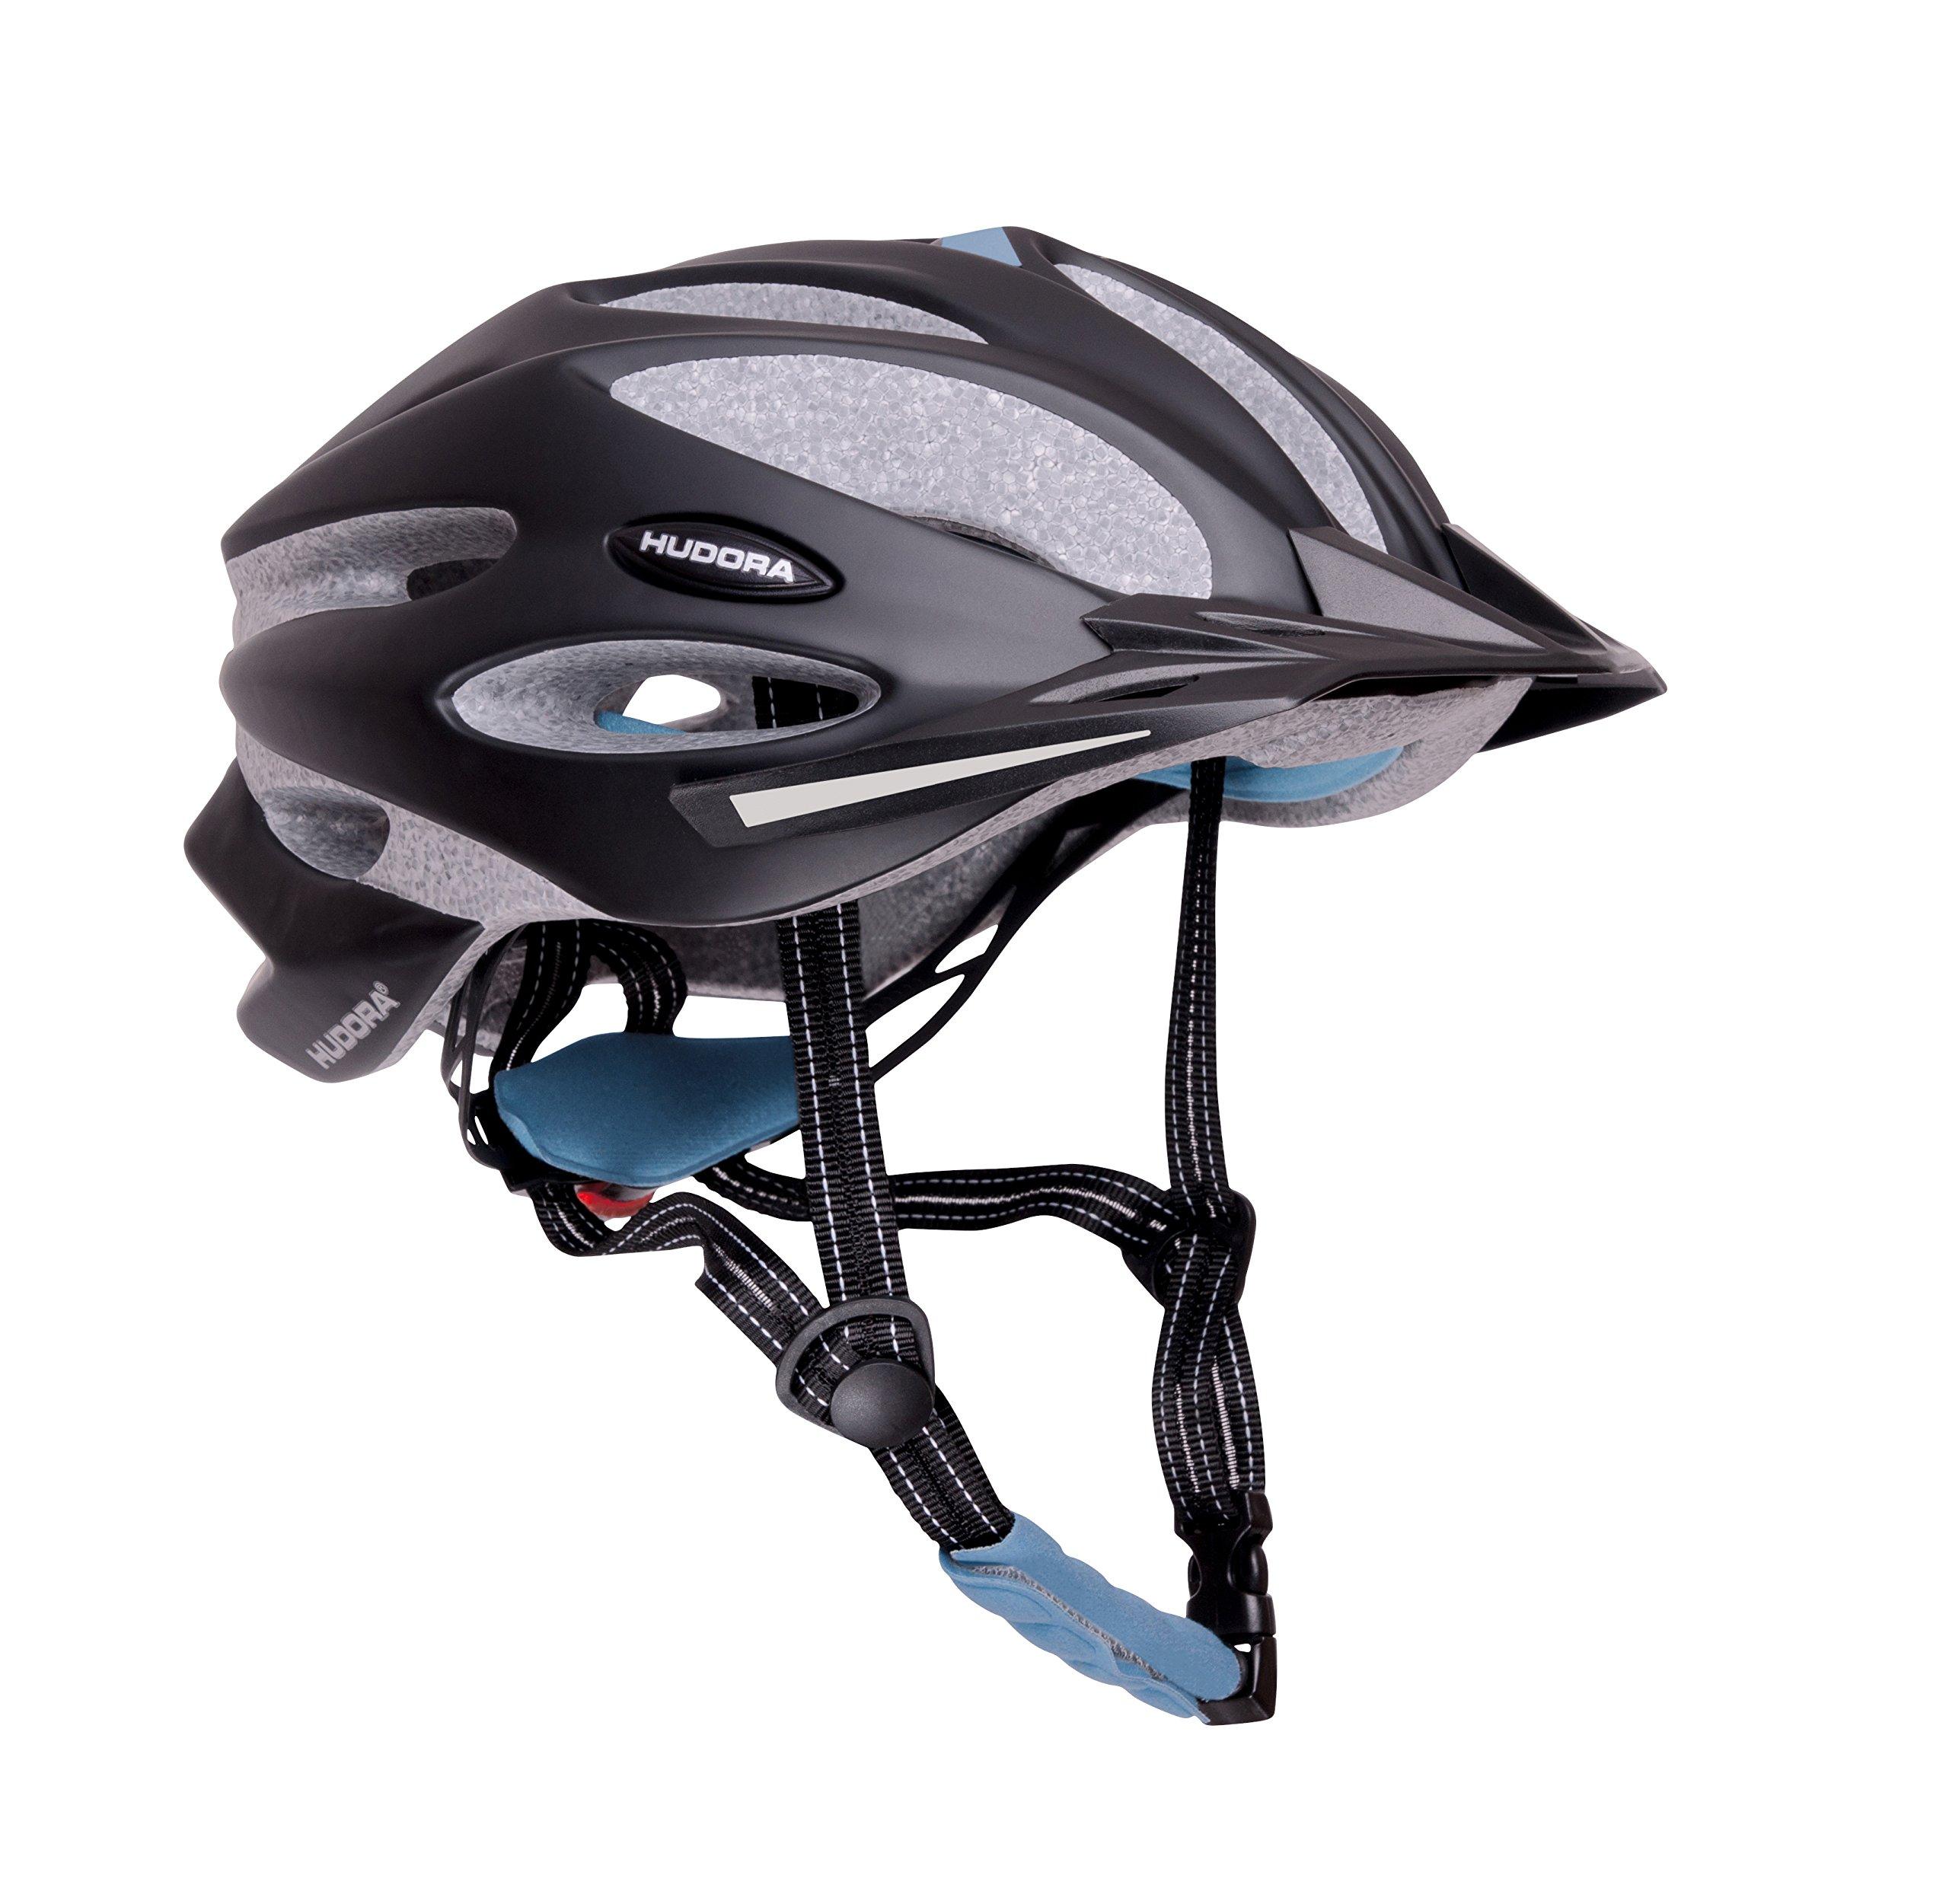 HUDORA ''Basalt Cycling Helmet, Size 21, 7-22, 8, Blue